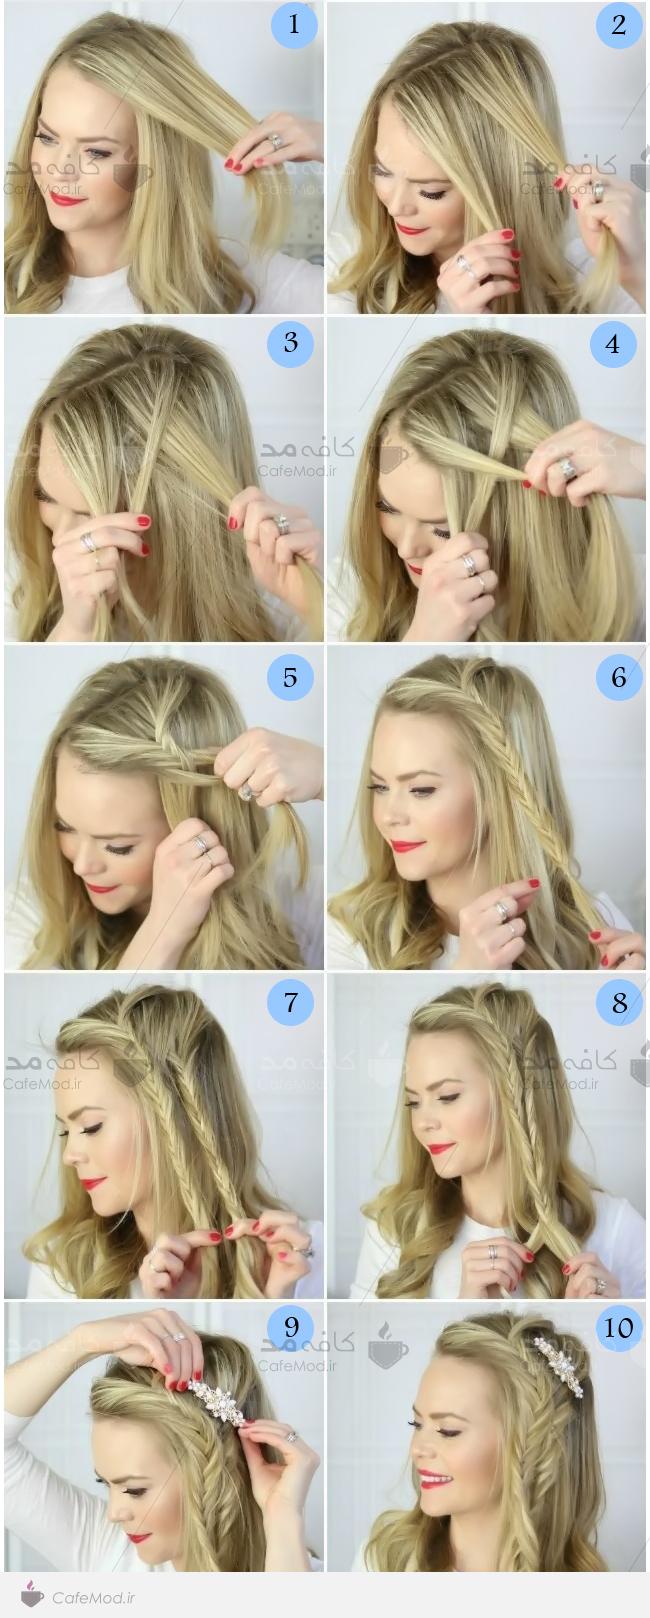 آموزش بافت مو مدل دم ماهی